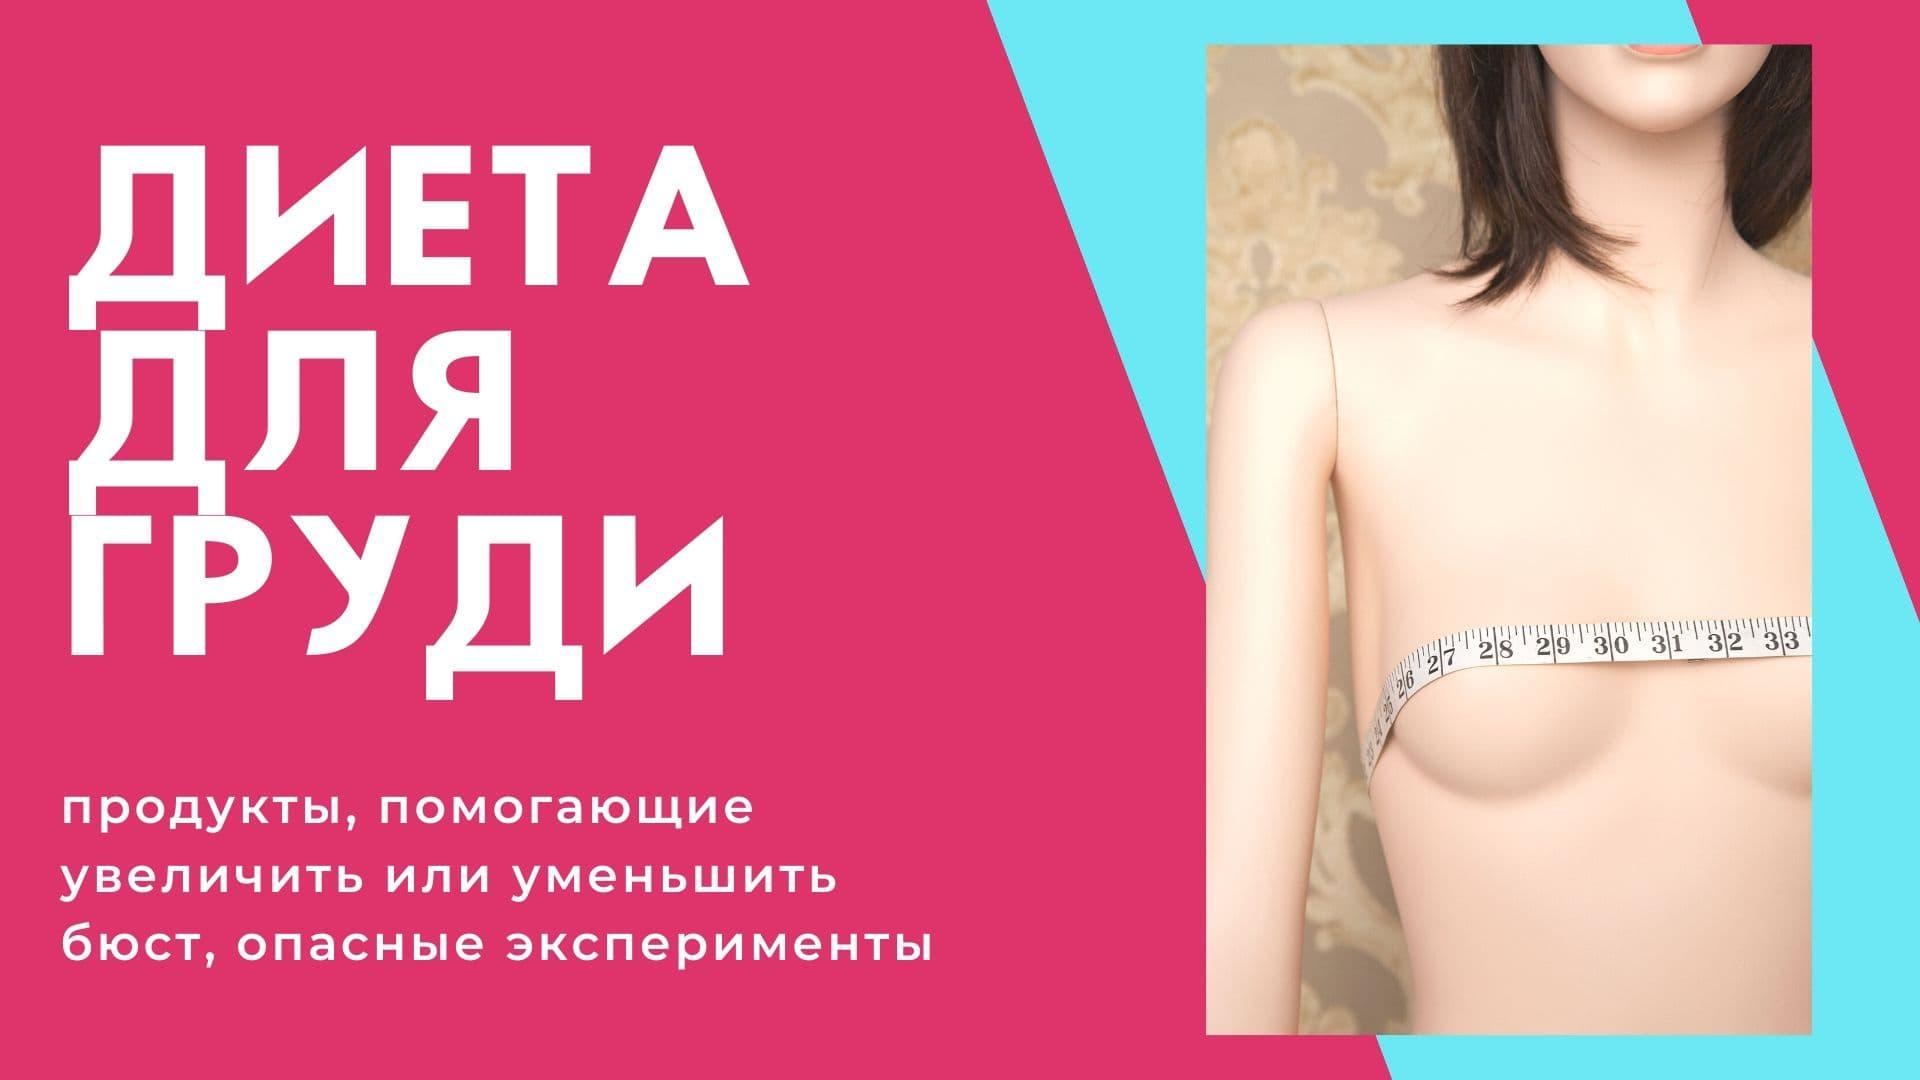 Диета для груди: продукты, увеличить или уменьшить бюст, опасные эксперименты